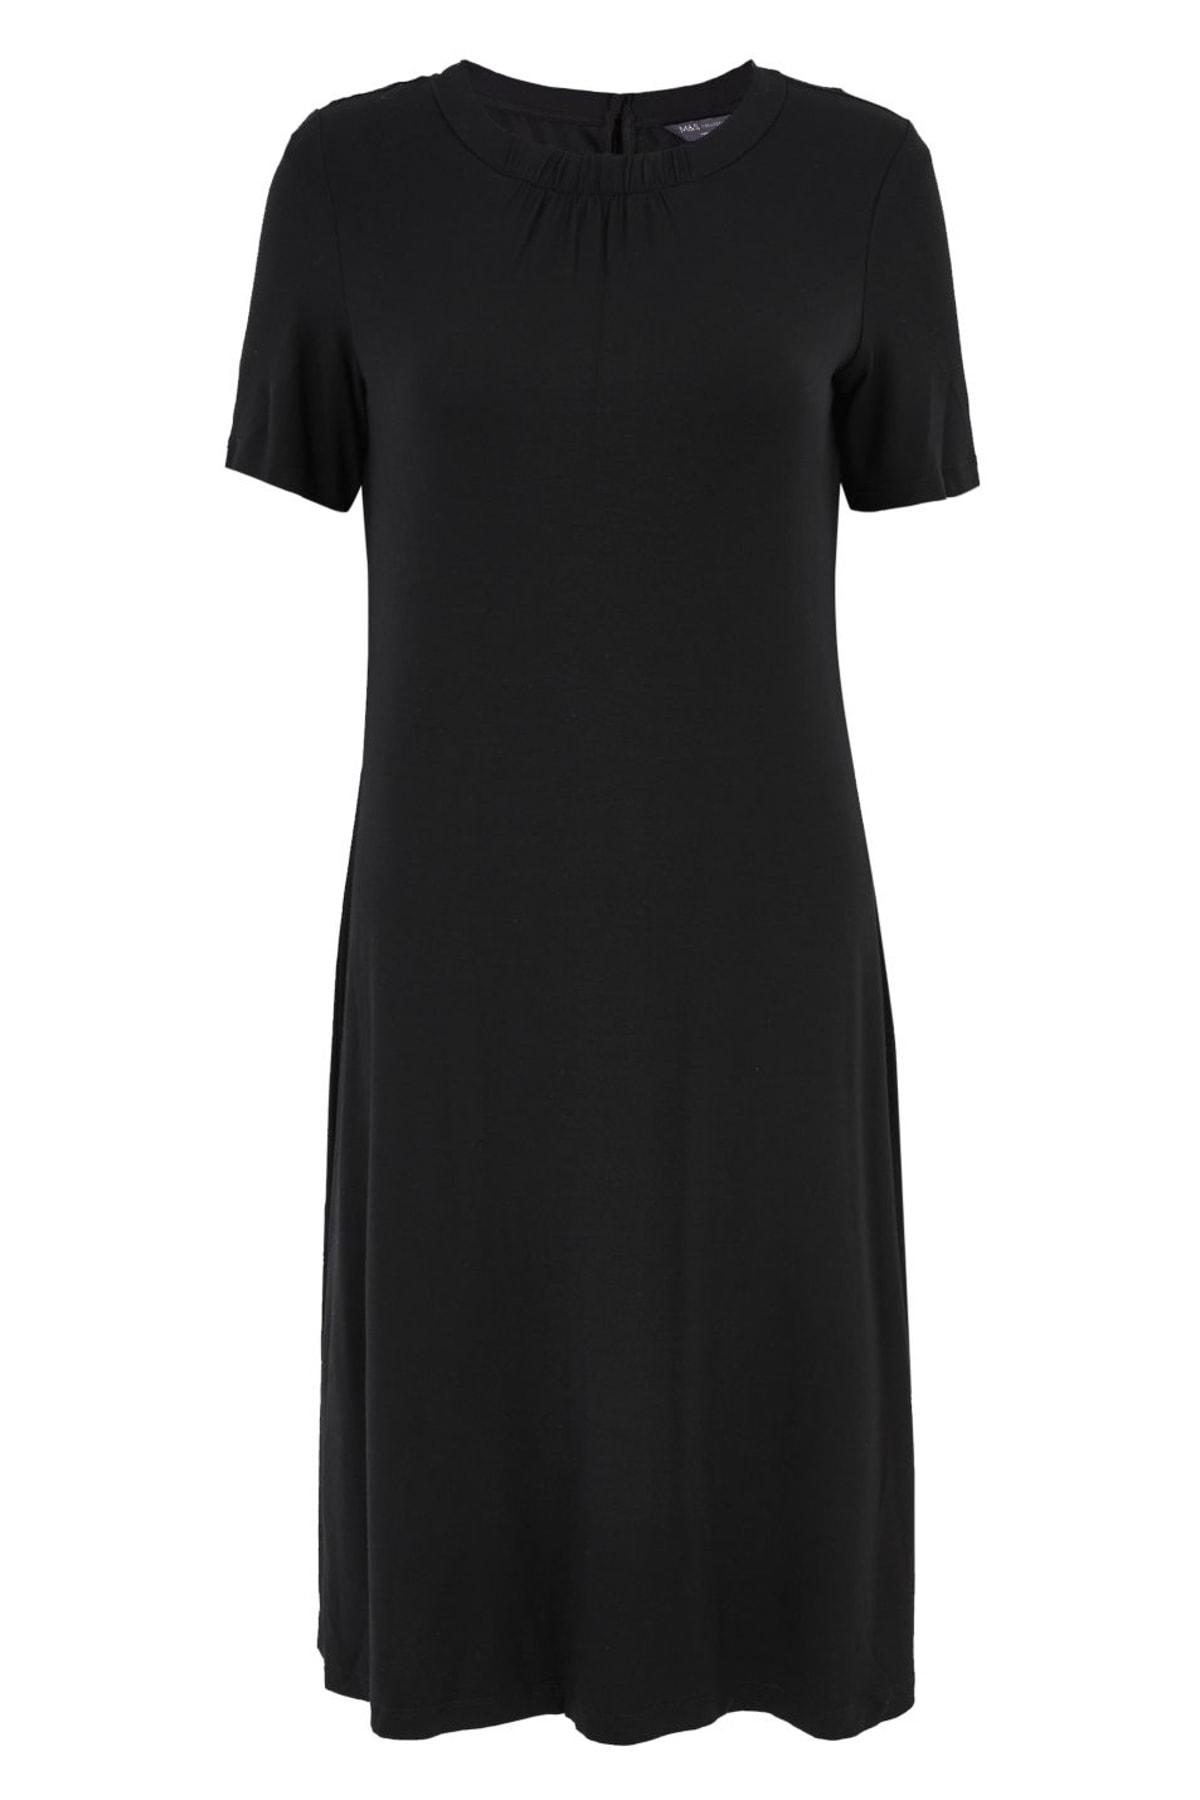 Marks & Spencer Kadın Siyah Kısa Kollu Swing Elbise T42008385 2